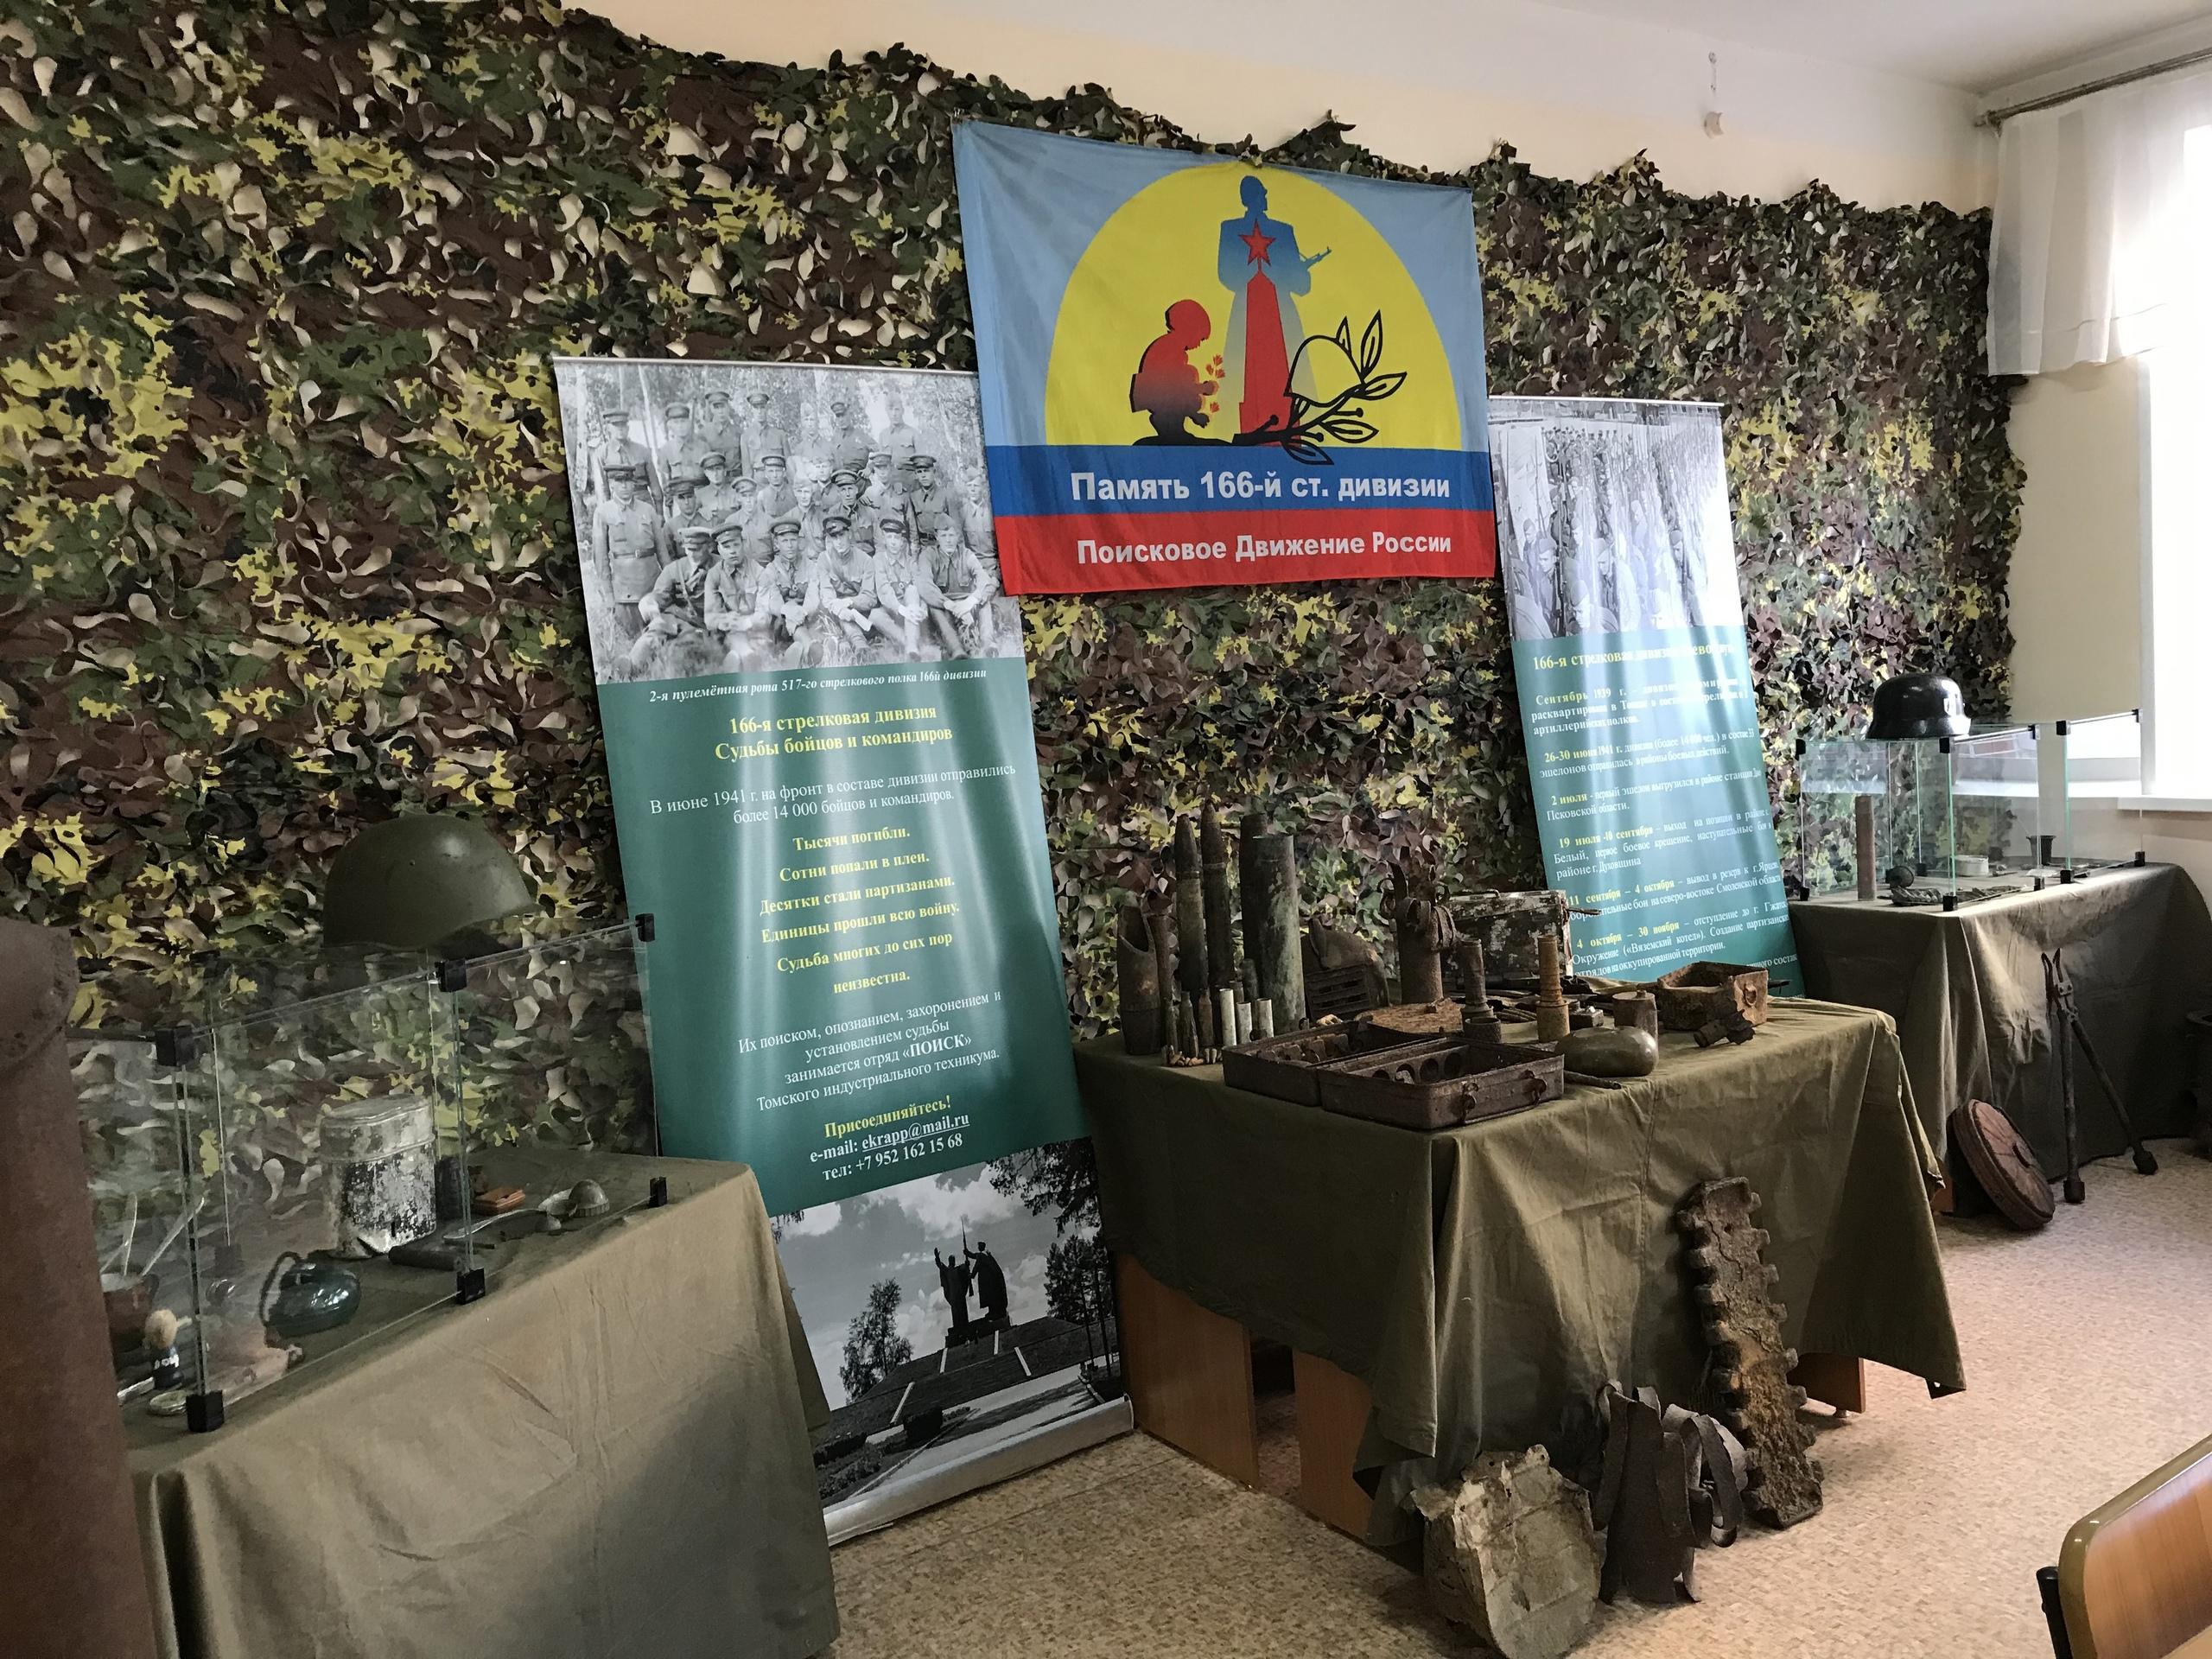 В Томском индустриальном техникуме работает стационарная выставка памяти 166 стрелковой дивизии